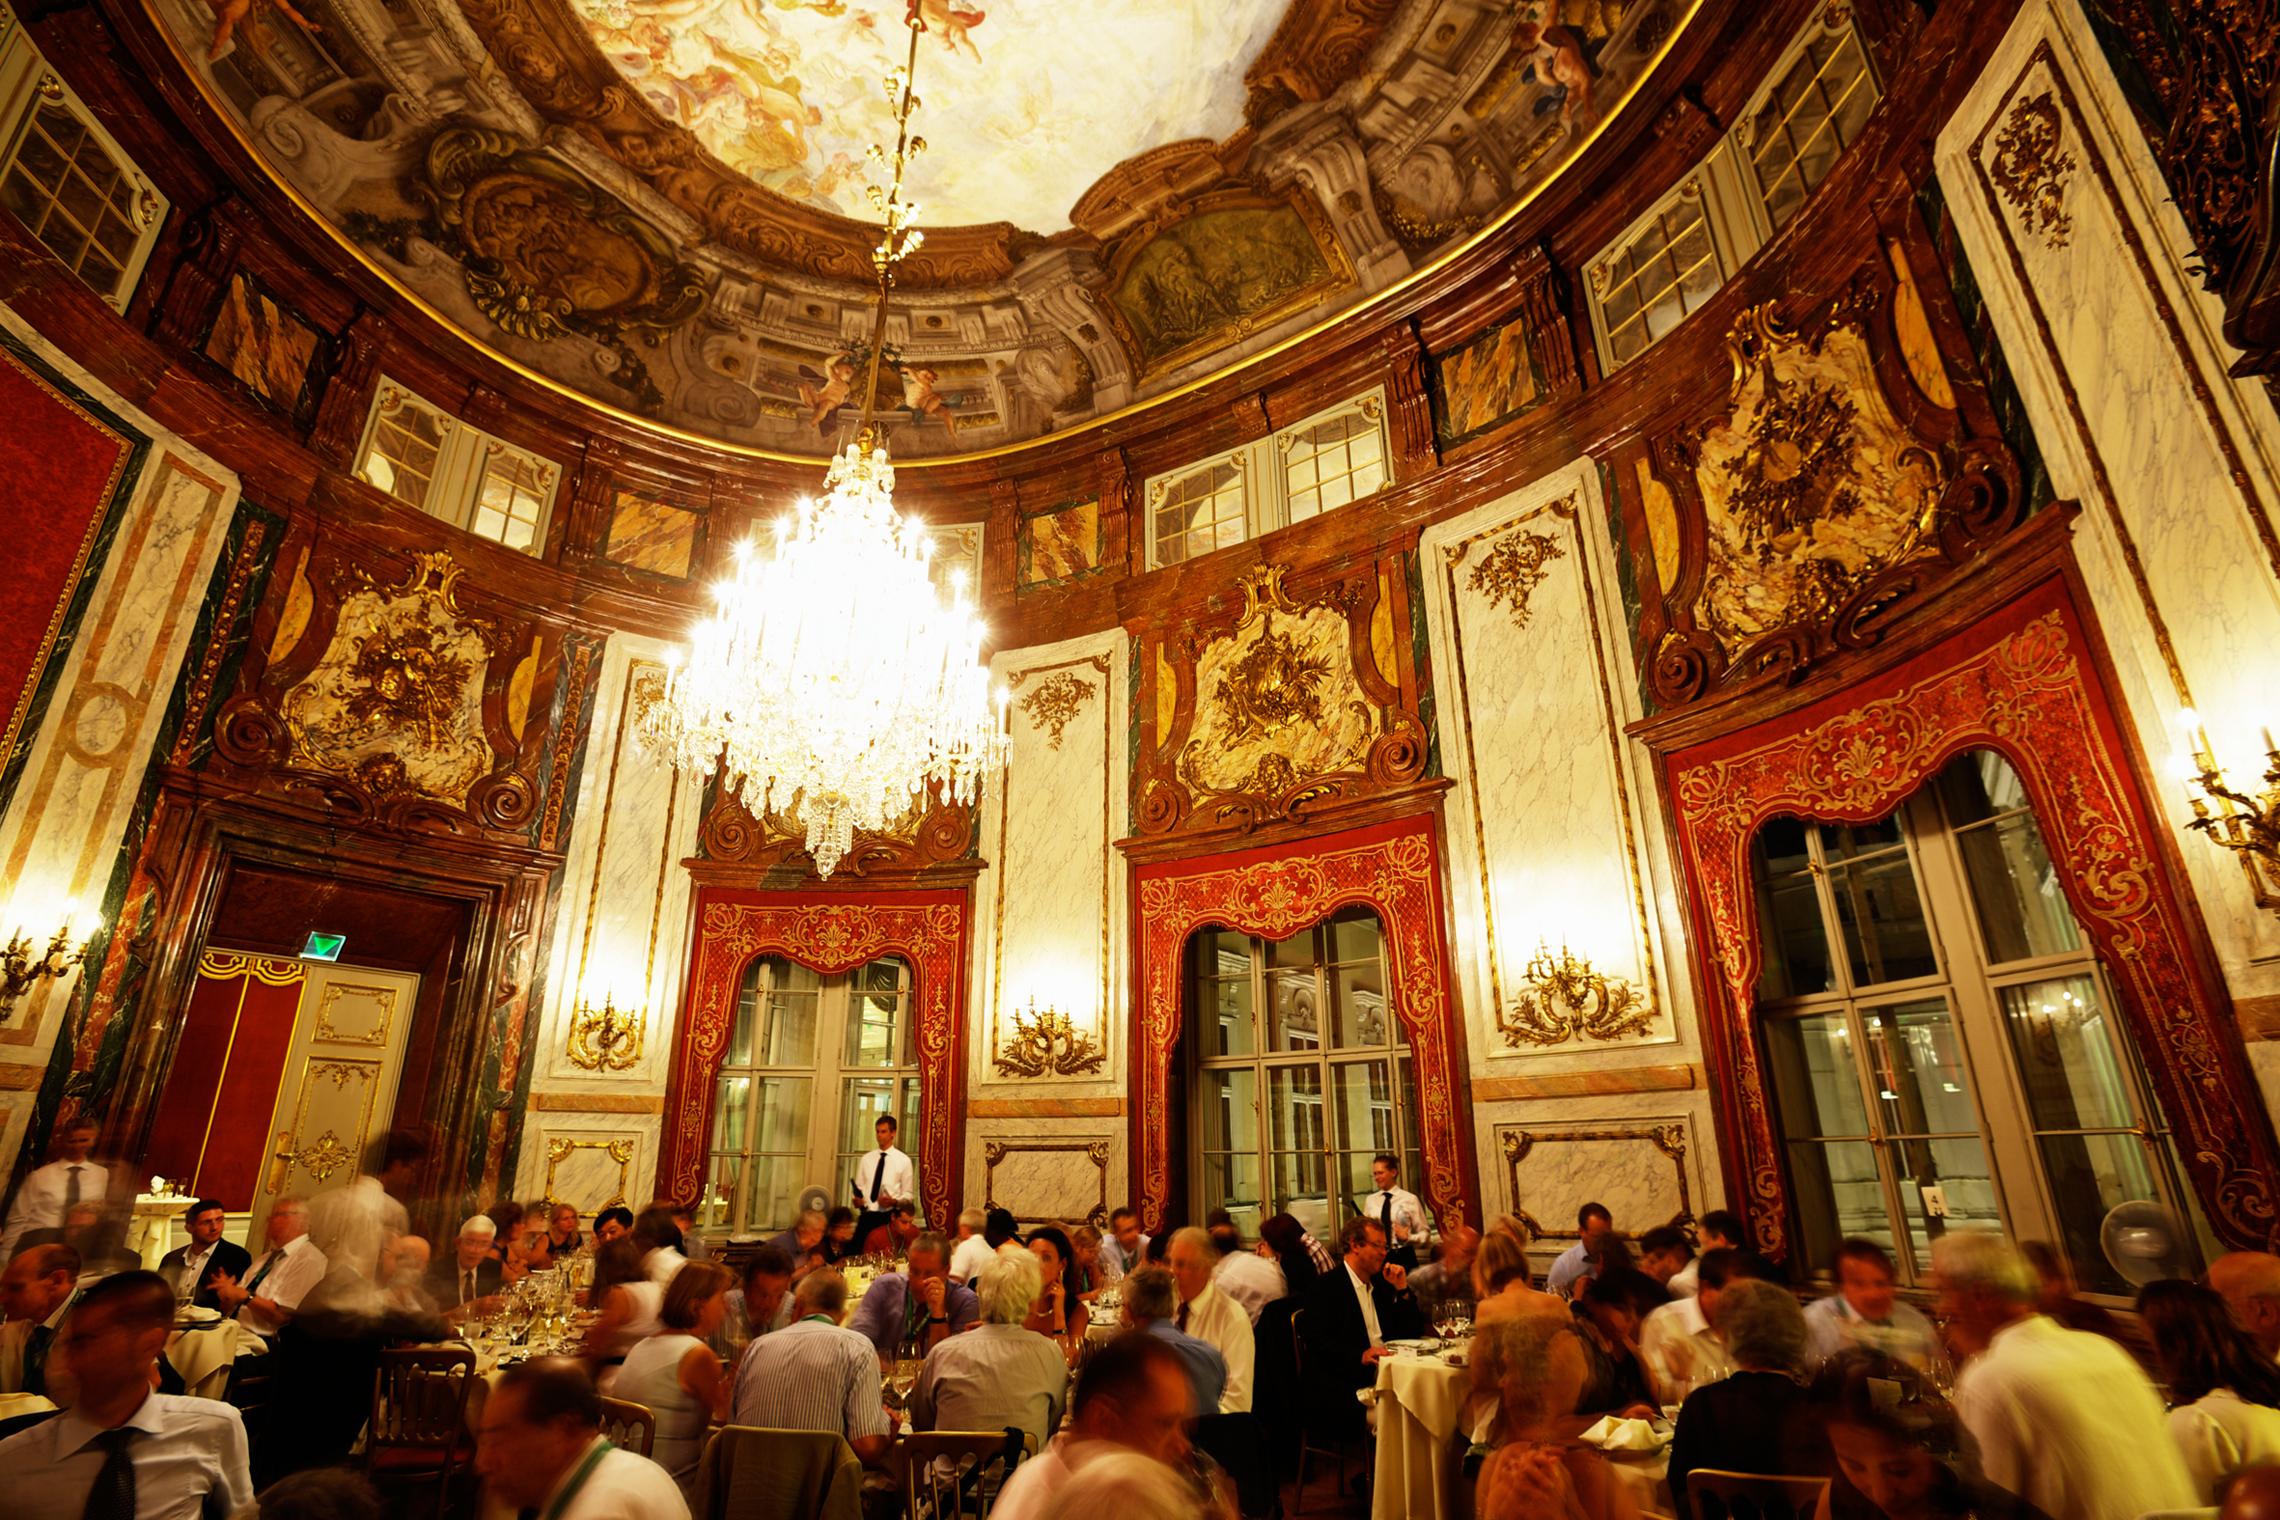 Palais Daun-Kinsky (c) Palais Events